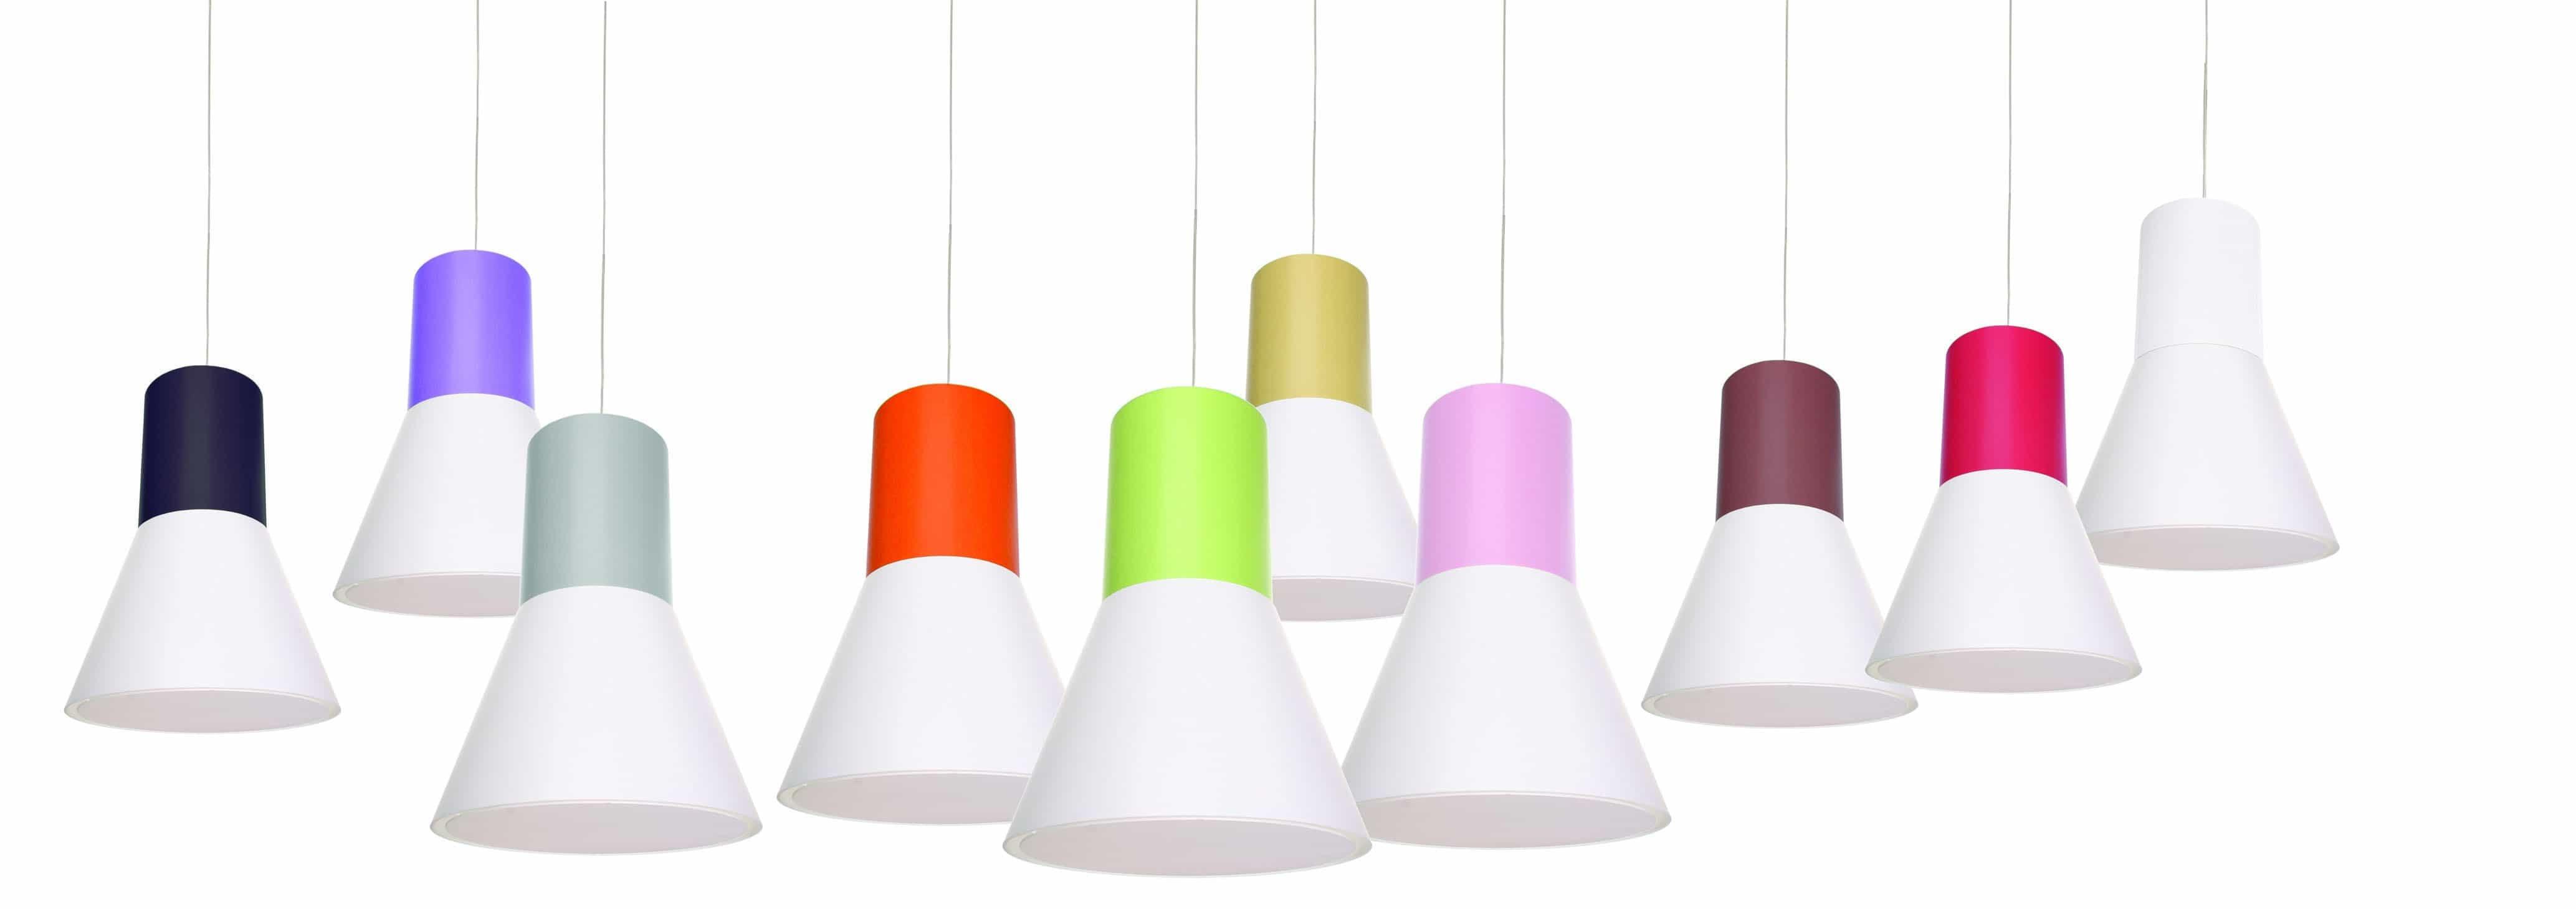 lampadari-colorati - Design Miss